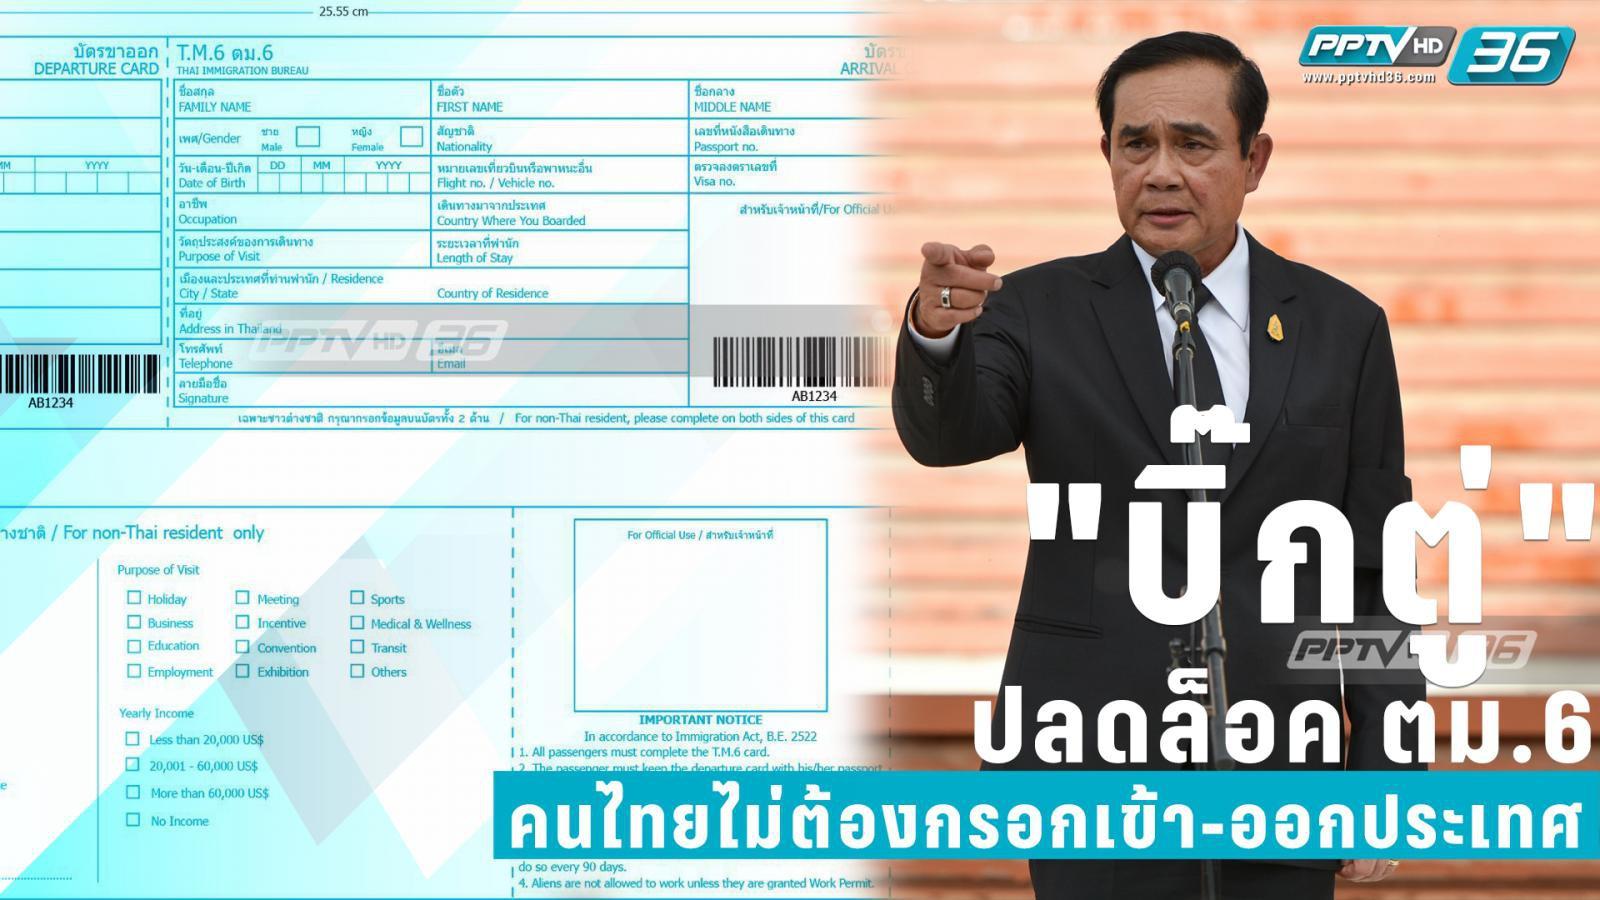 """""""บิ๊กตู่"""" ปลดล็อค ตม.6 คนไทยไม่ต้องกรอกเข้า-ออกประเทศ"""